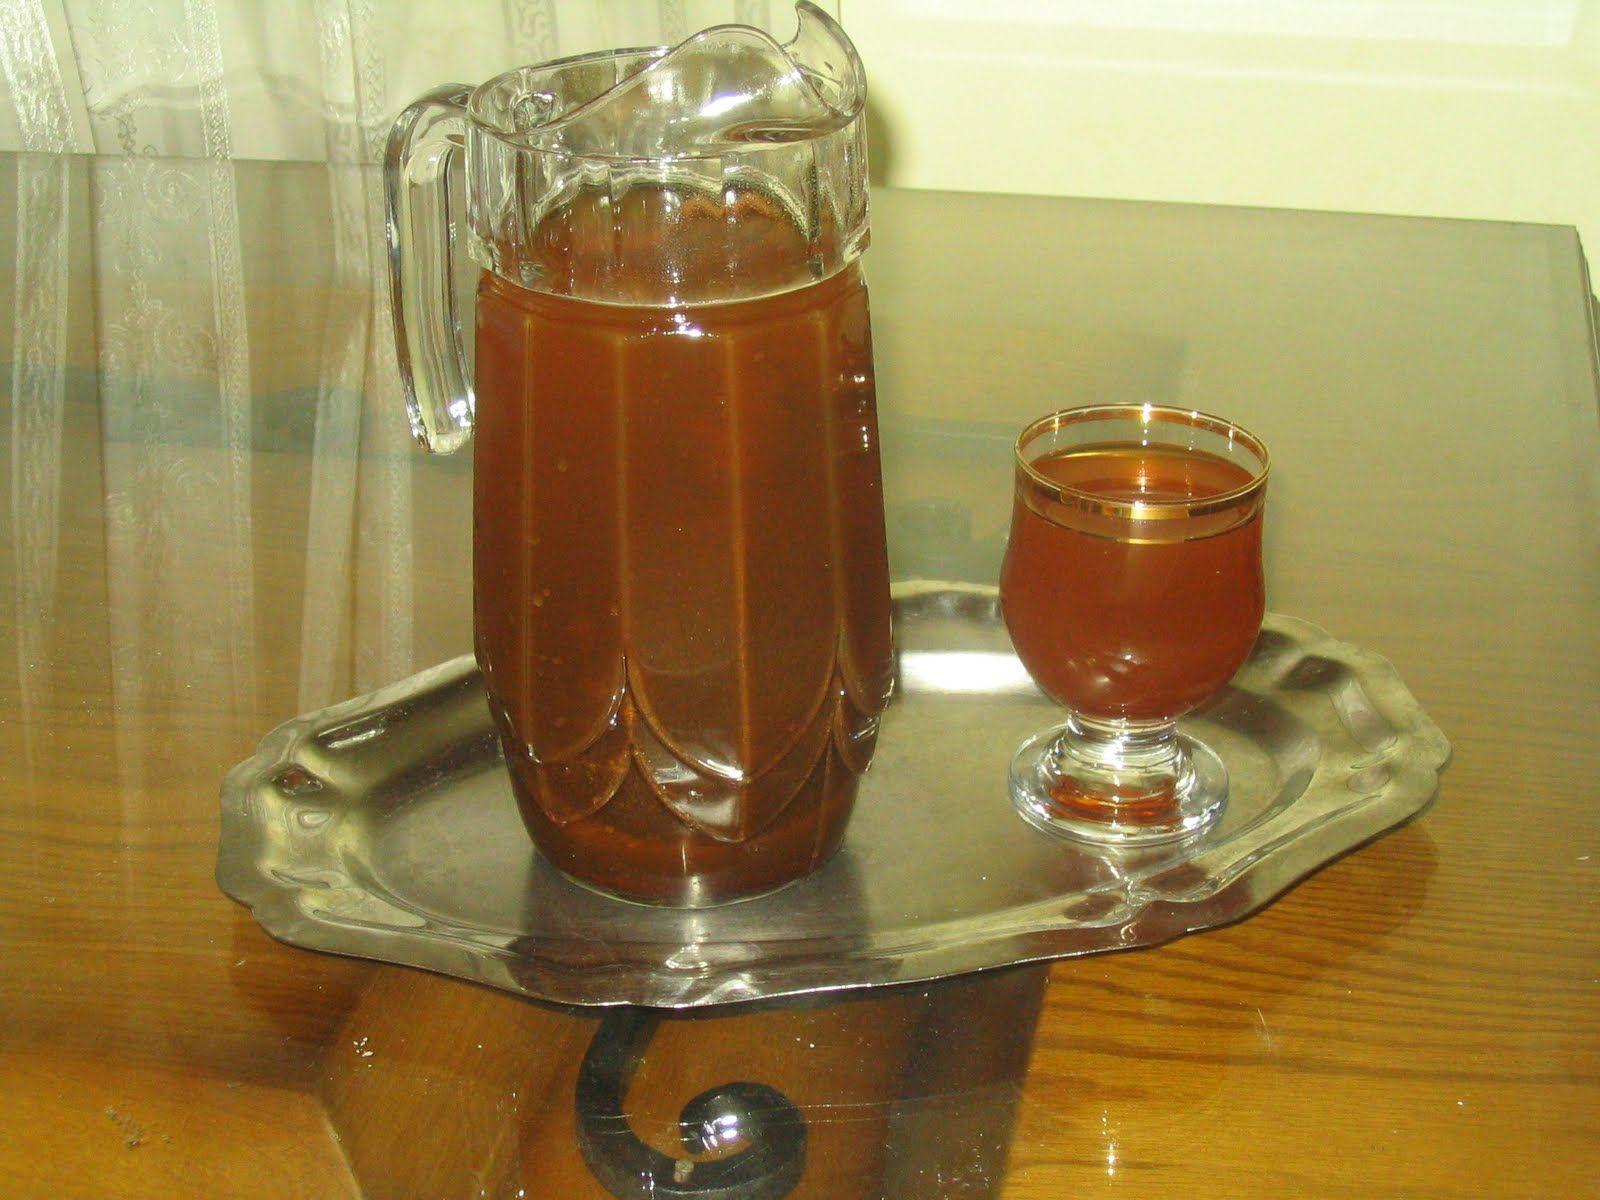 طريقة عمل عصير الخروب الطبيعي بطرق مختلفة موقع طبخة Glassware Hurricane Glass Coffee Maker